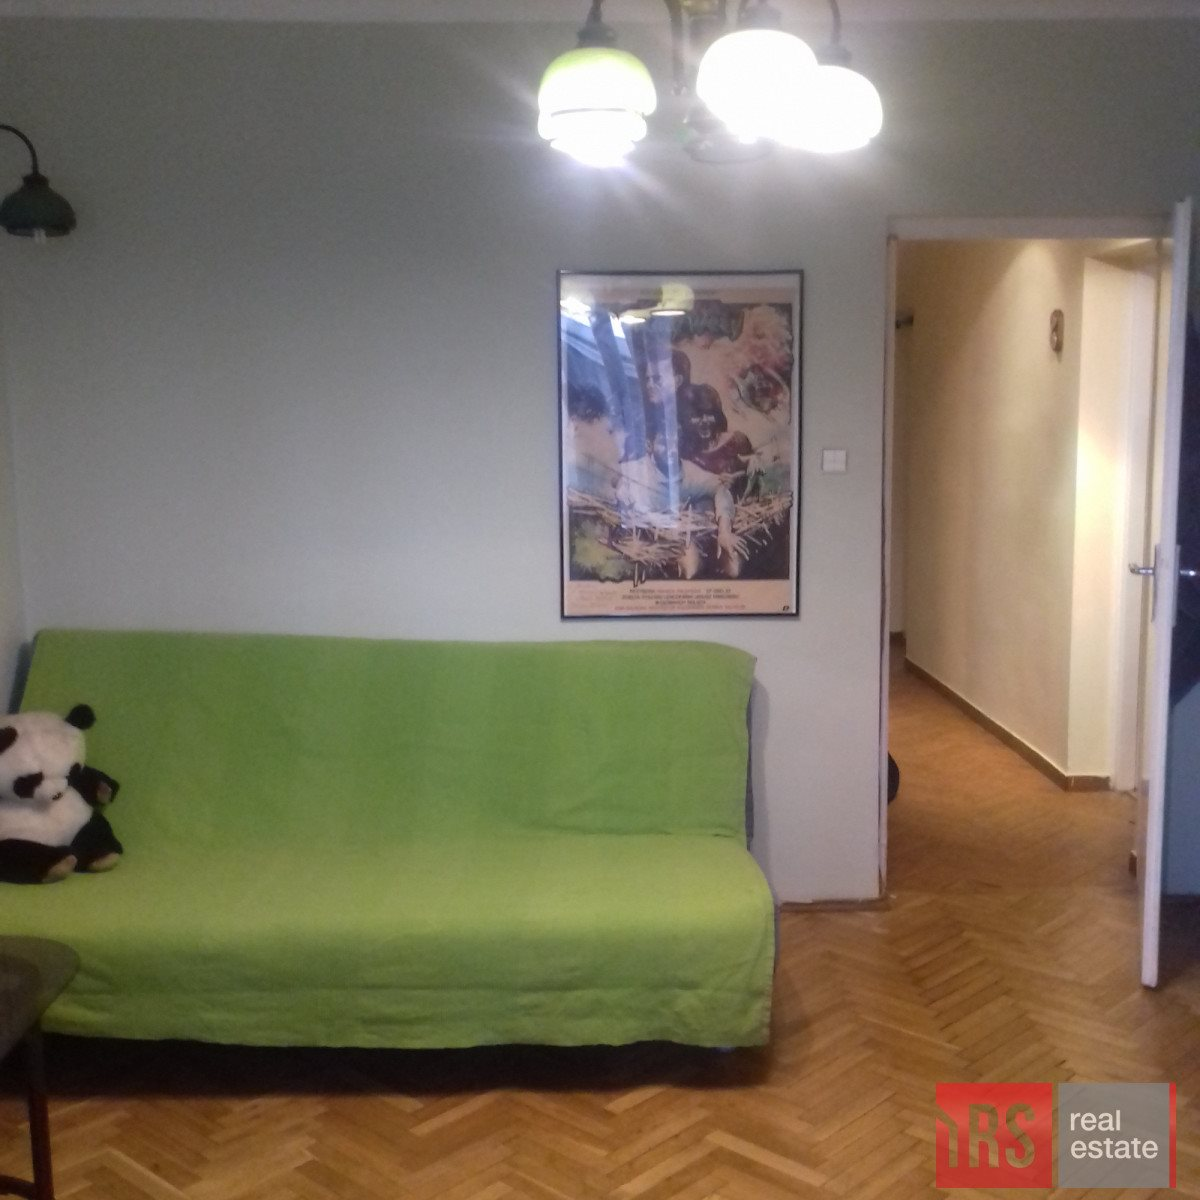 Mieszkanie trzypokojowe na sprzedaż Warszawa, Żoliborz, Zygmunta Krasińskiego  75m2 Foto 2